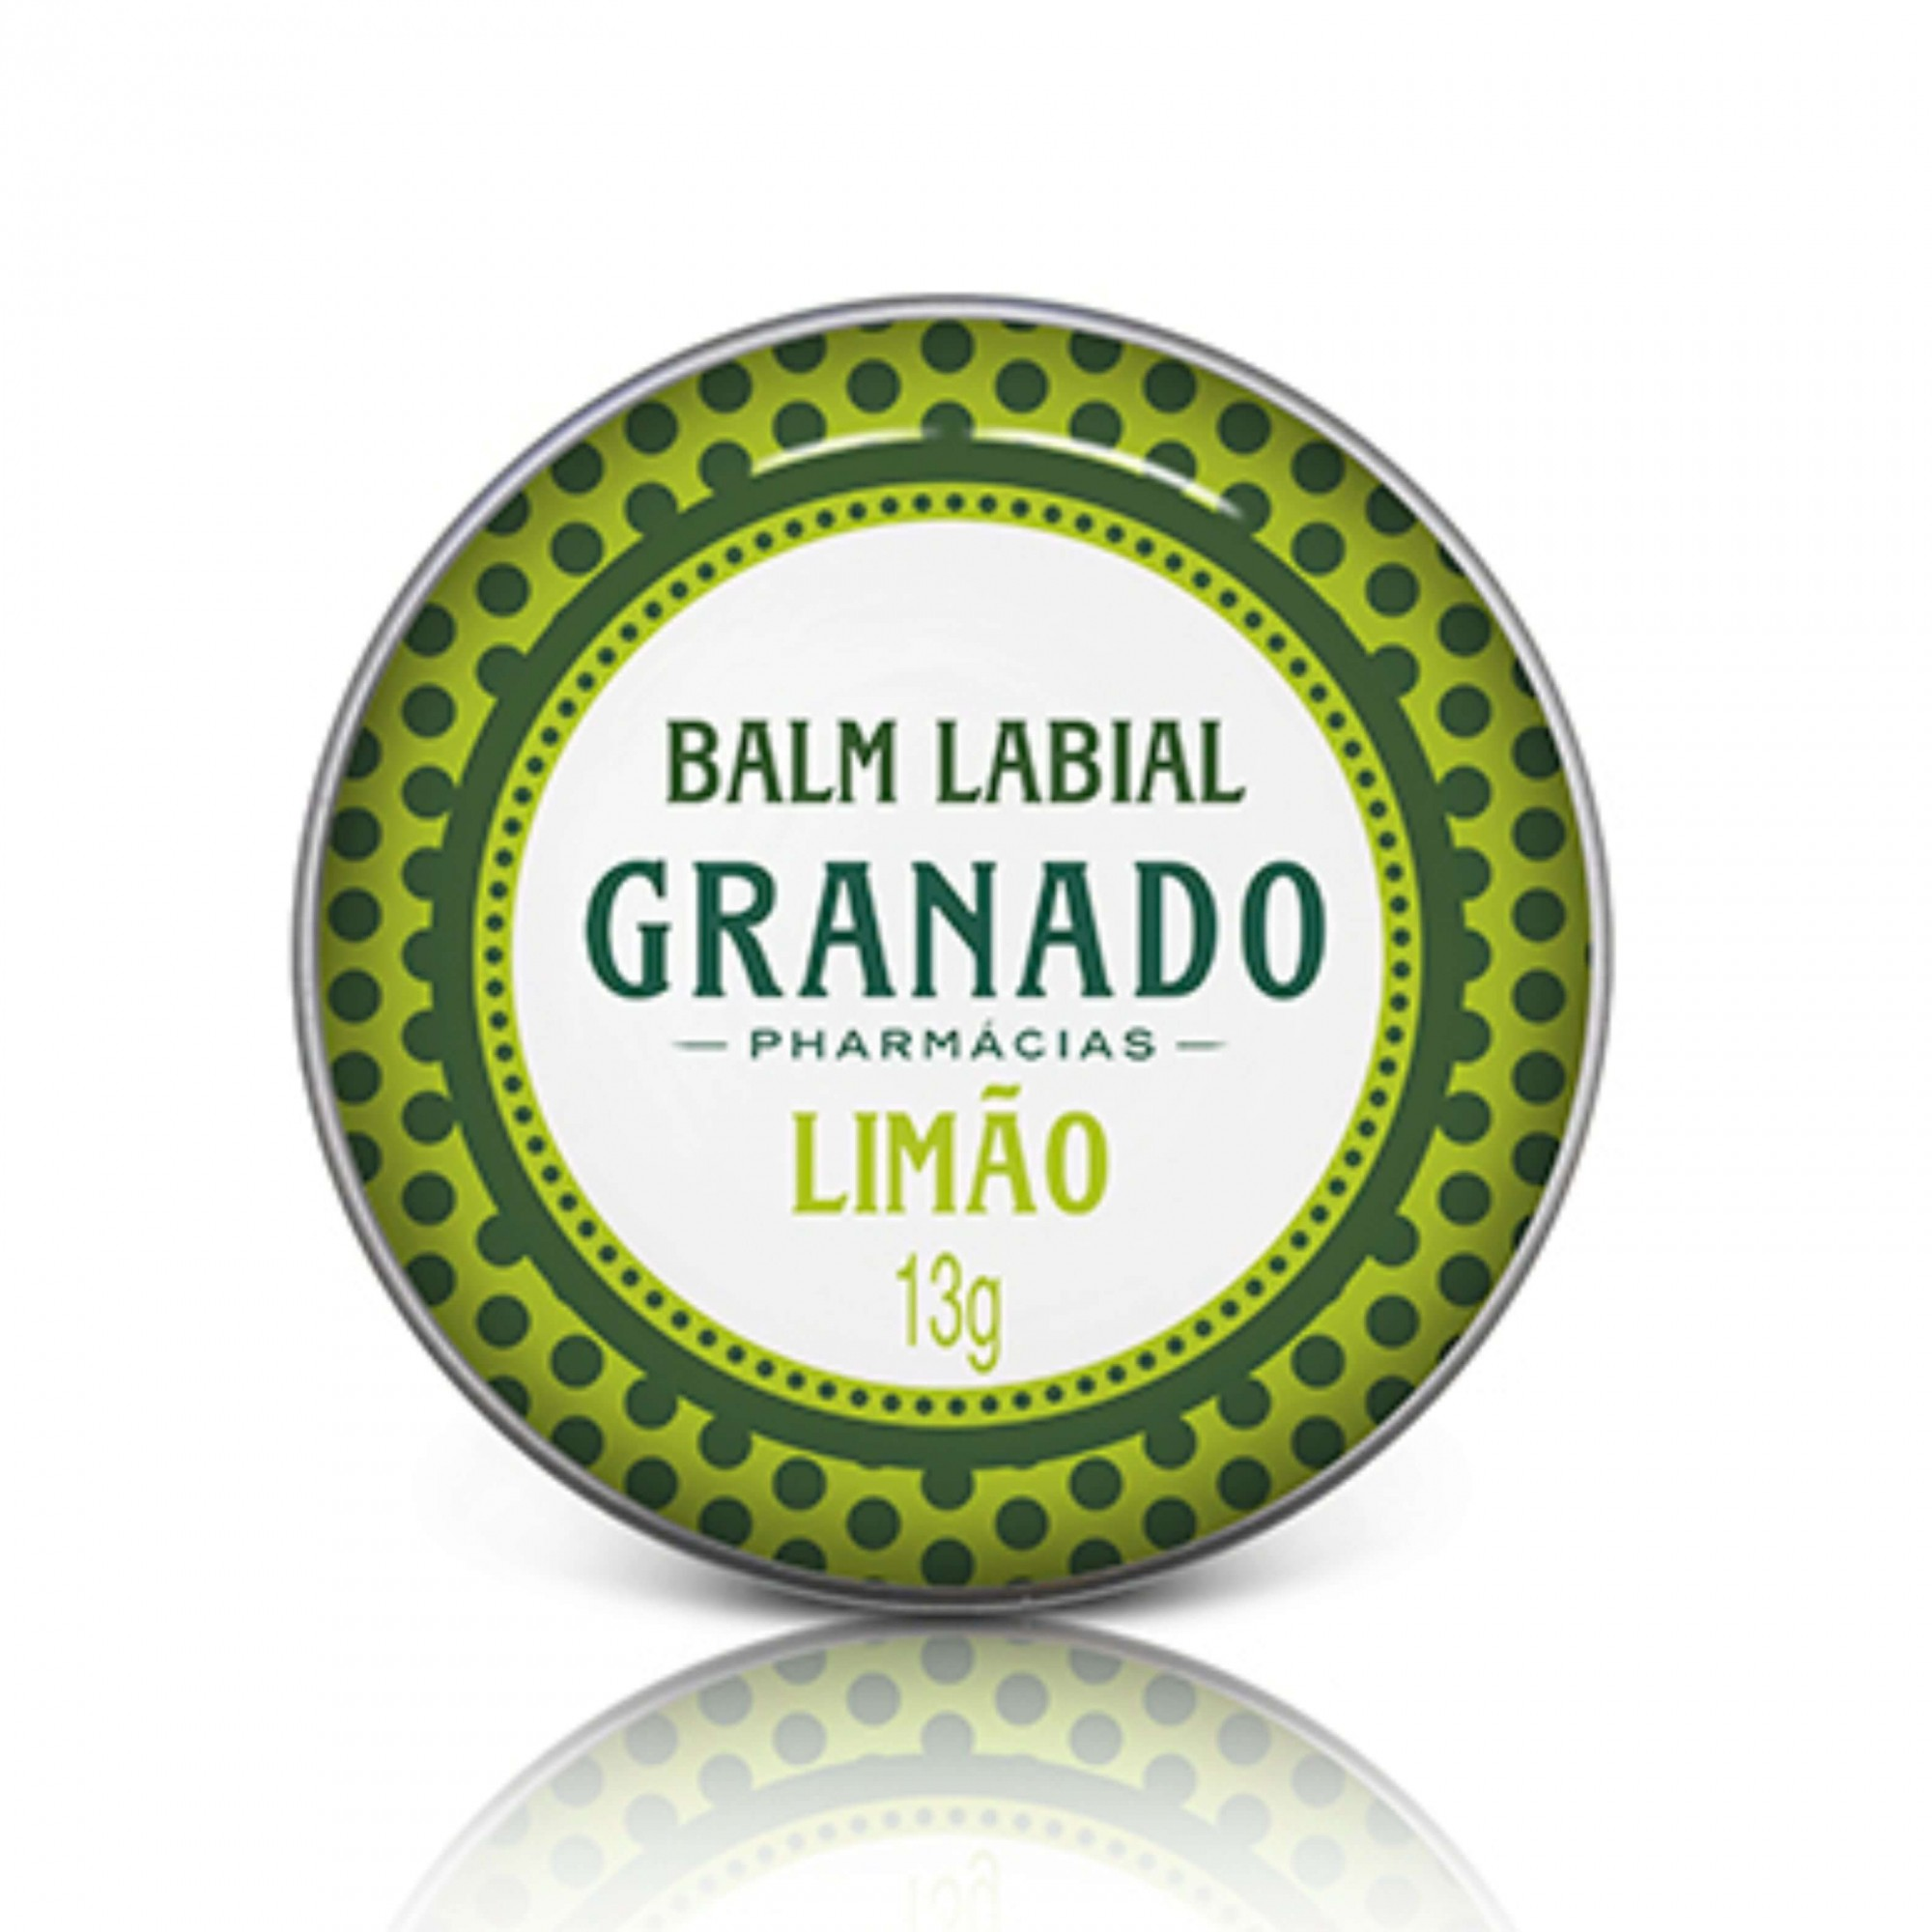 Balm Labial Limão 13g